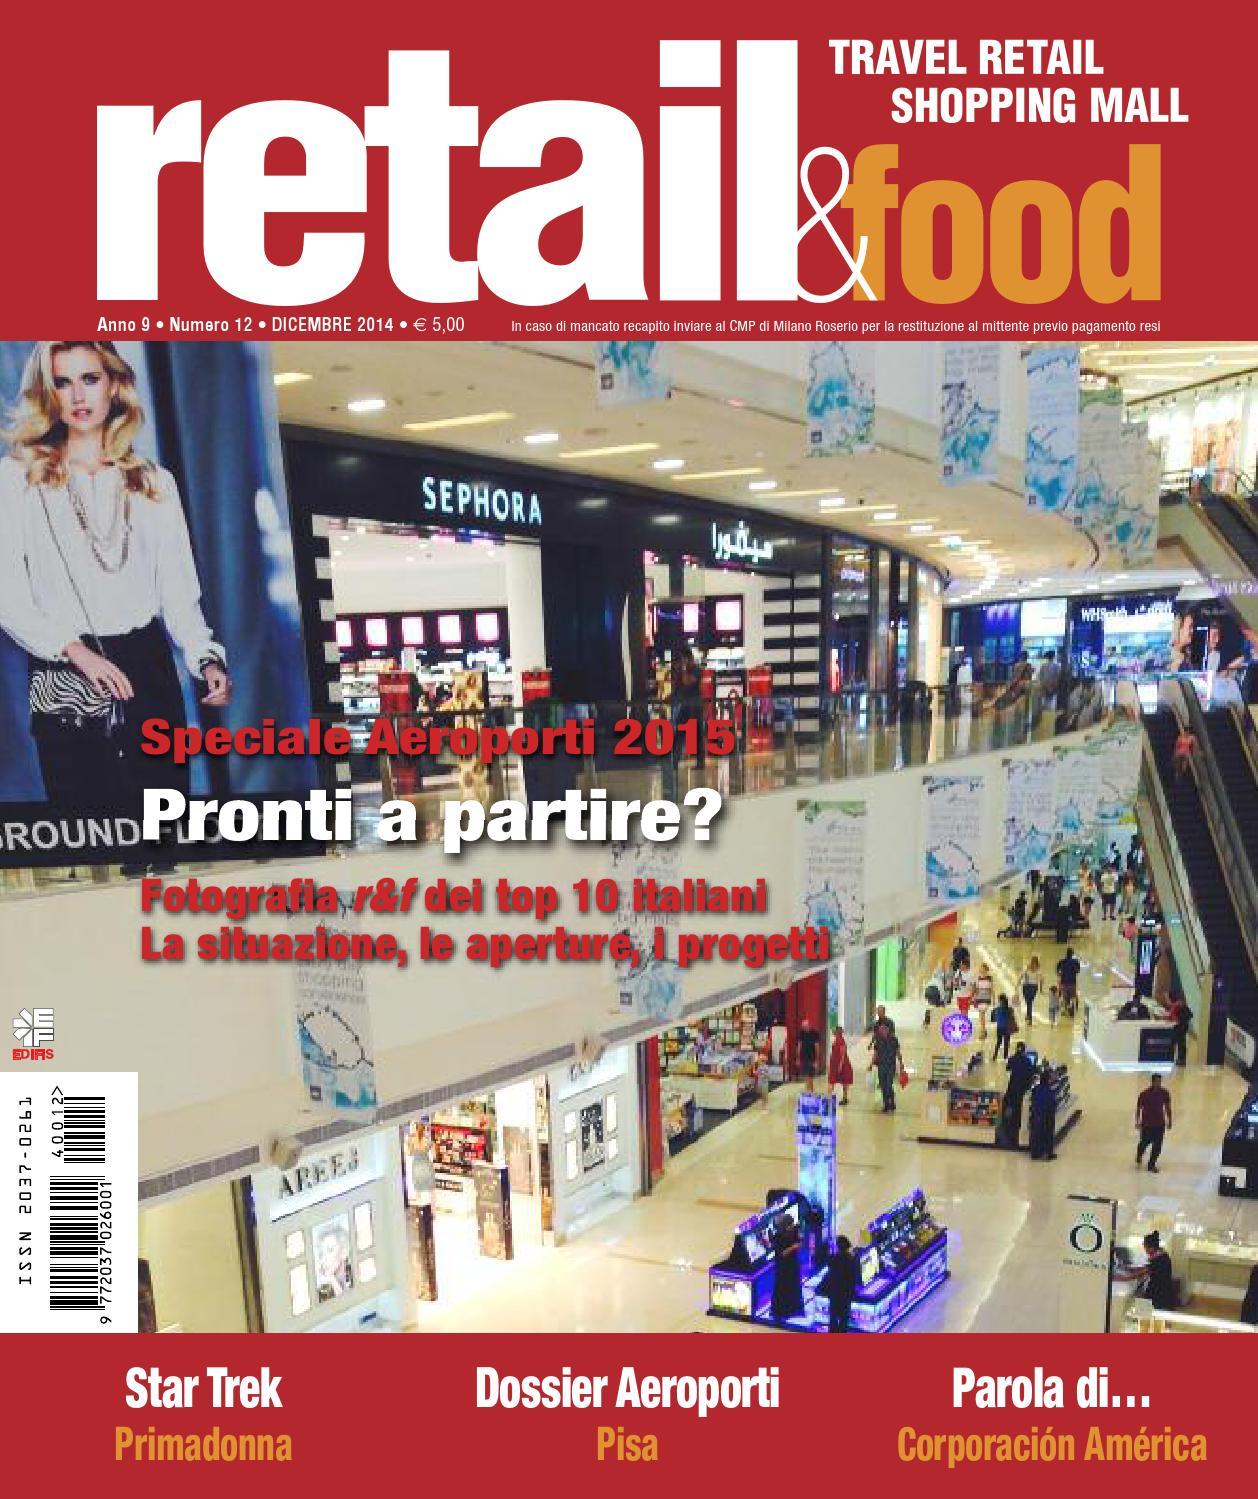 retail food 12 2014 by Edifis - issuu 24acf35c3b3